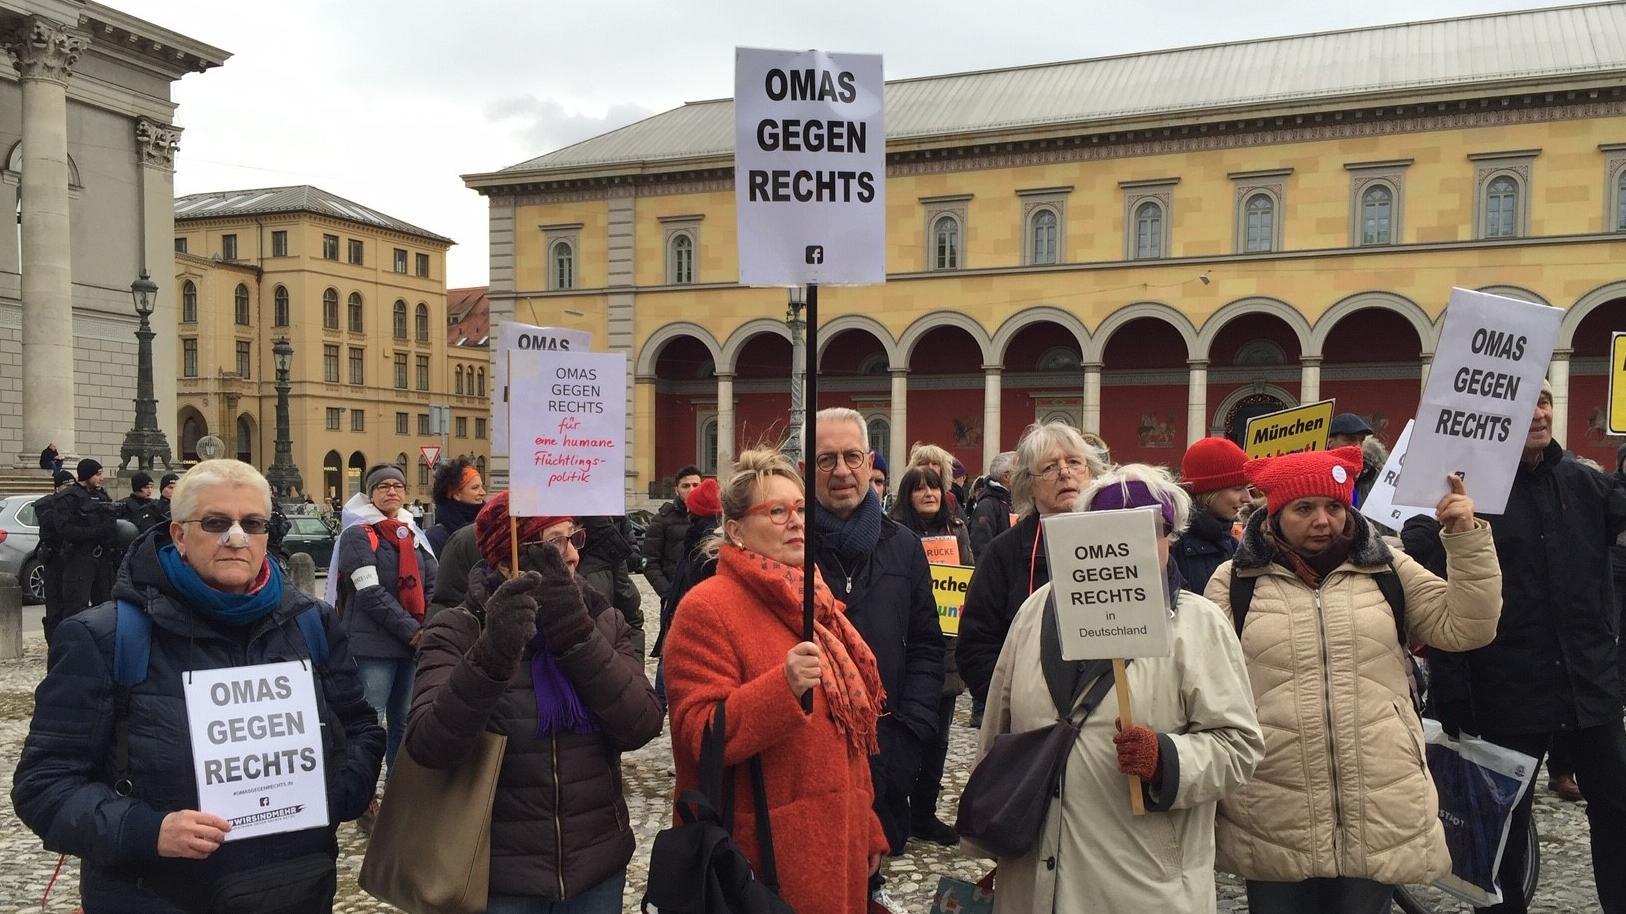 Demo für Menschenrechte und Demokratie am 8.12.2018 in München.